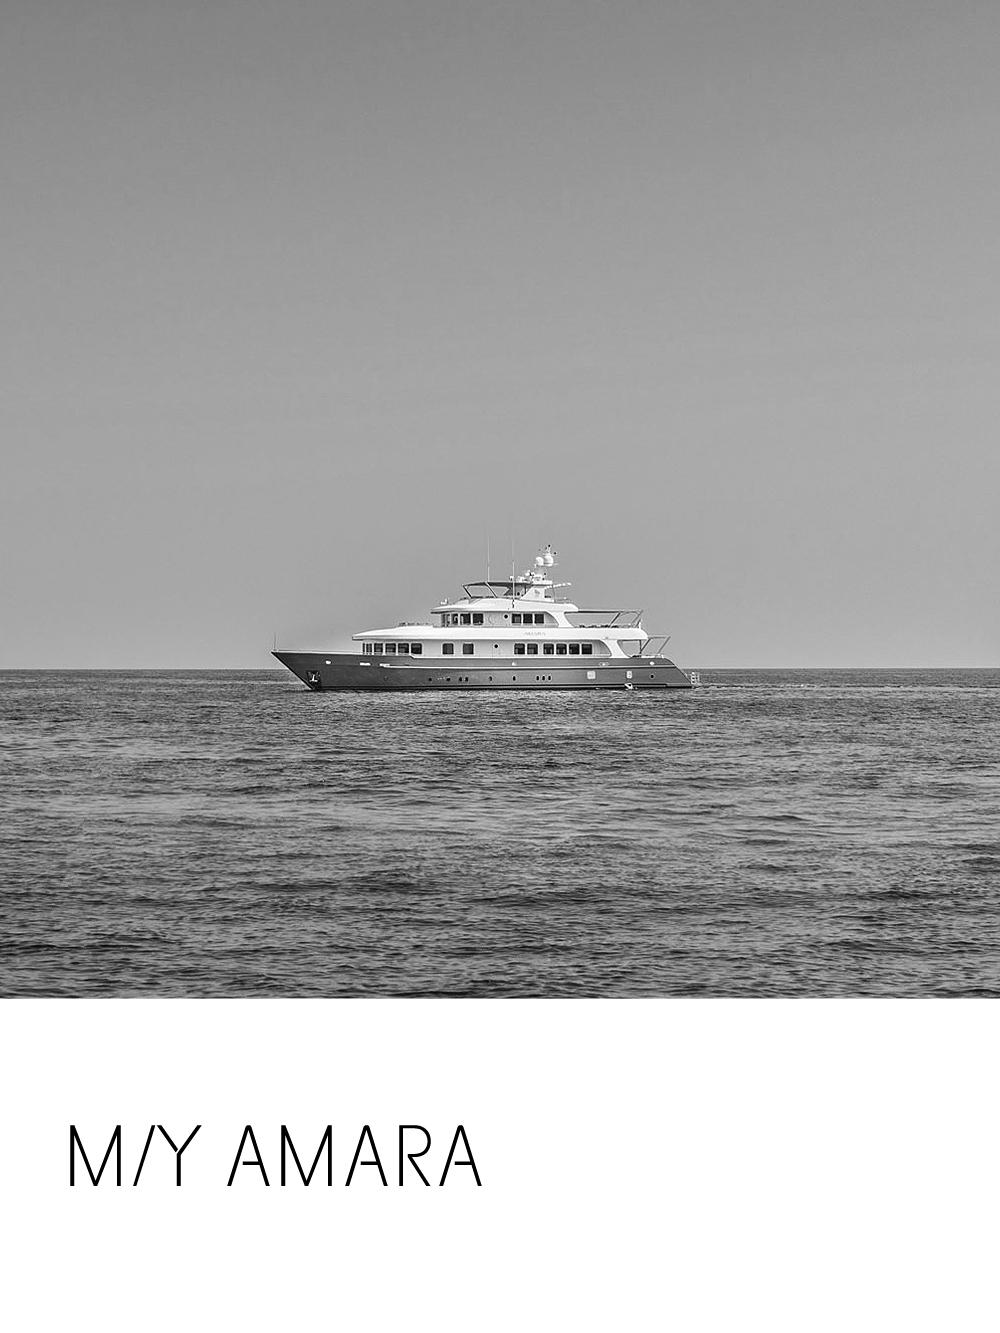 M/Y AMARA